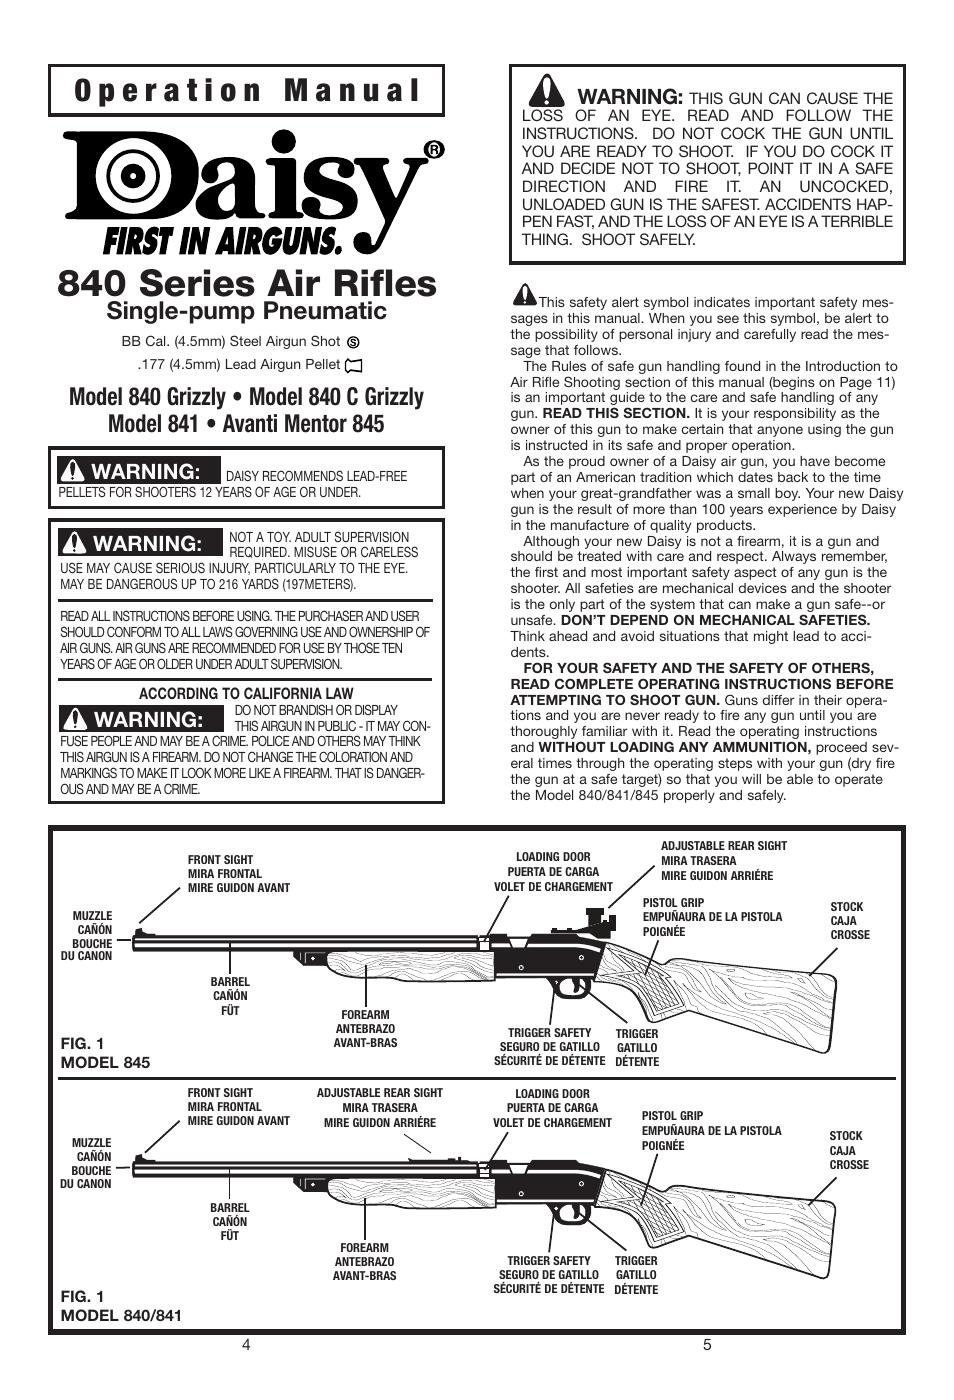 Daisy Air Rifle Parts Manuals